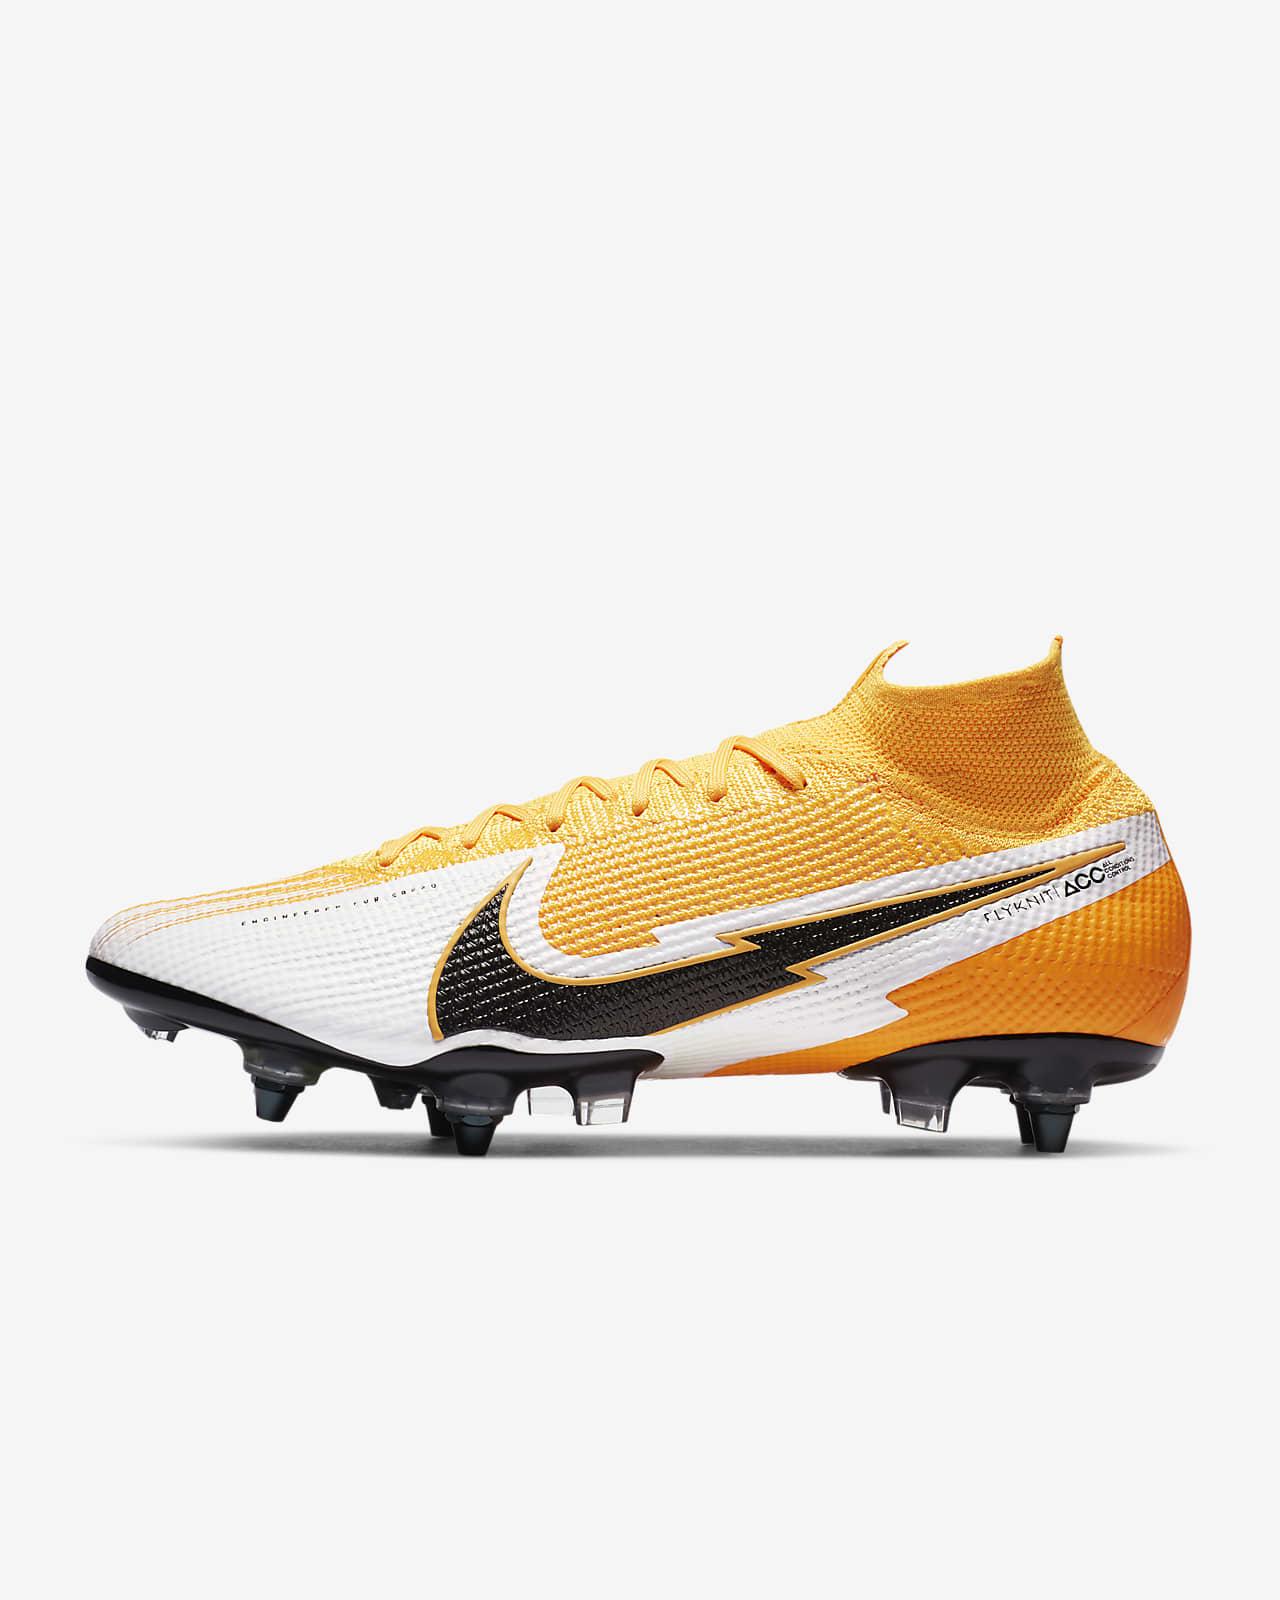 Nike Mercurial Superfly 7 Elite SG-PRO Anti-Clog Traction-fodboldstøvle (vådt græs)